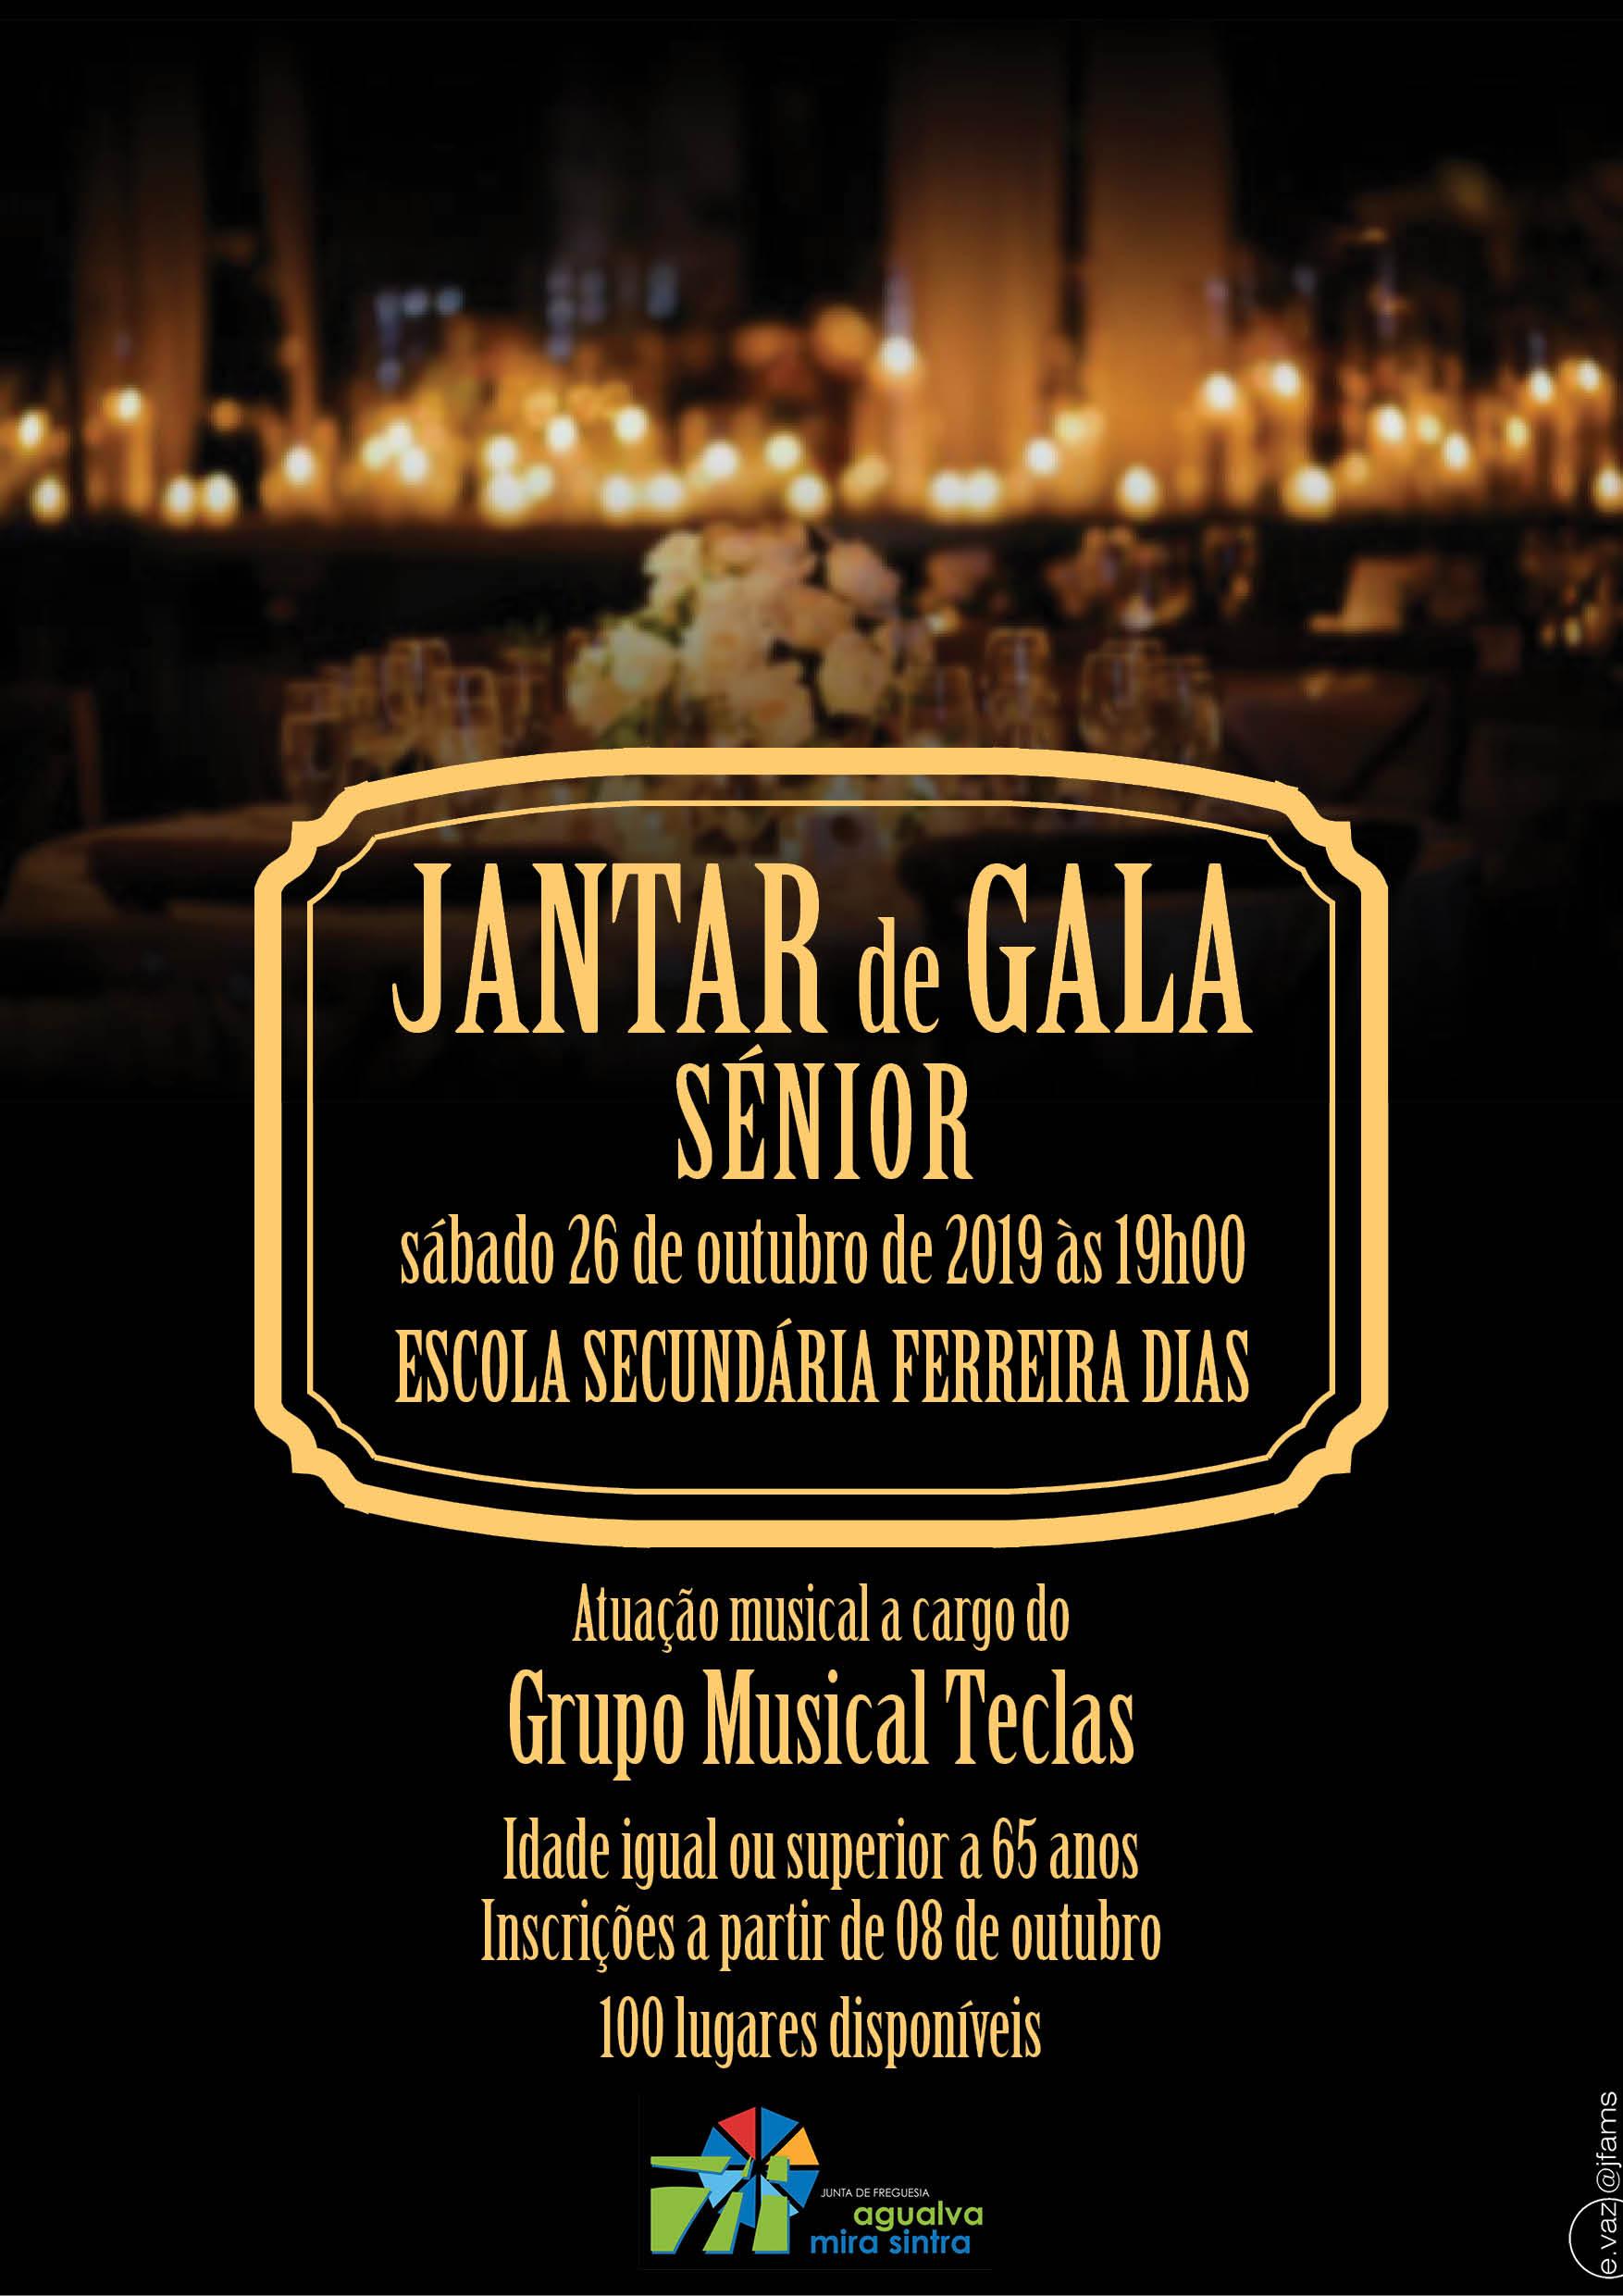 Jantar de Gala Sénior